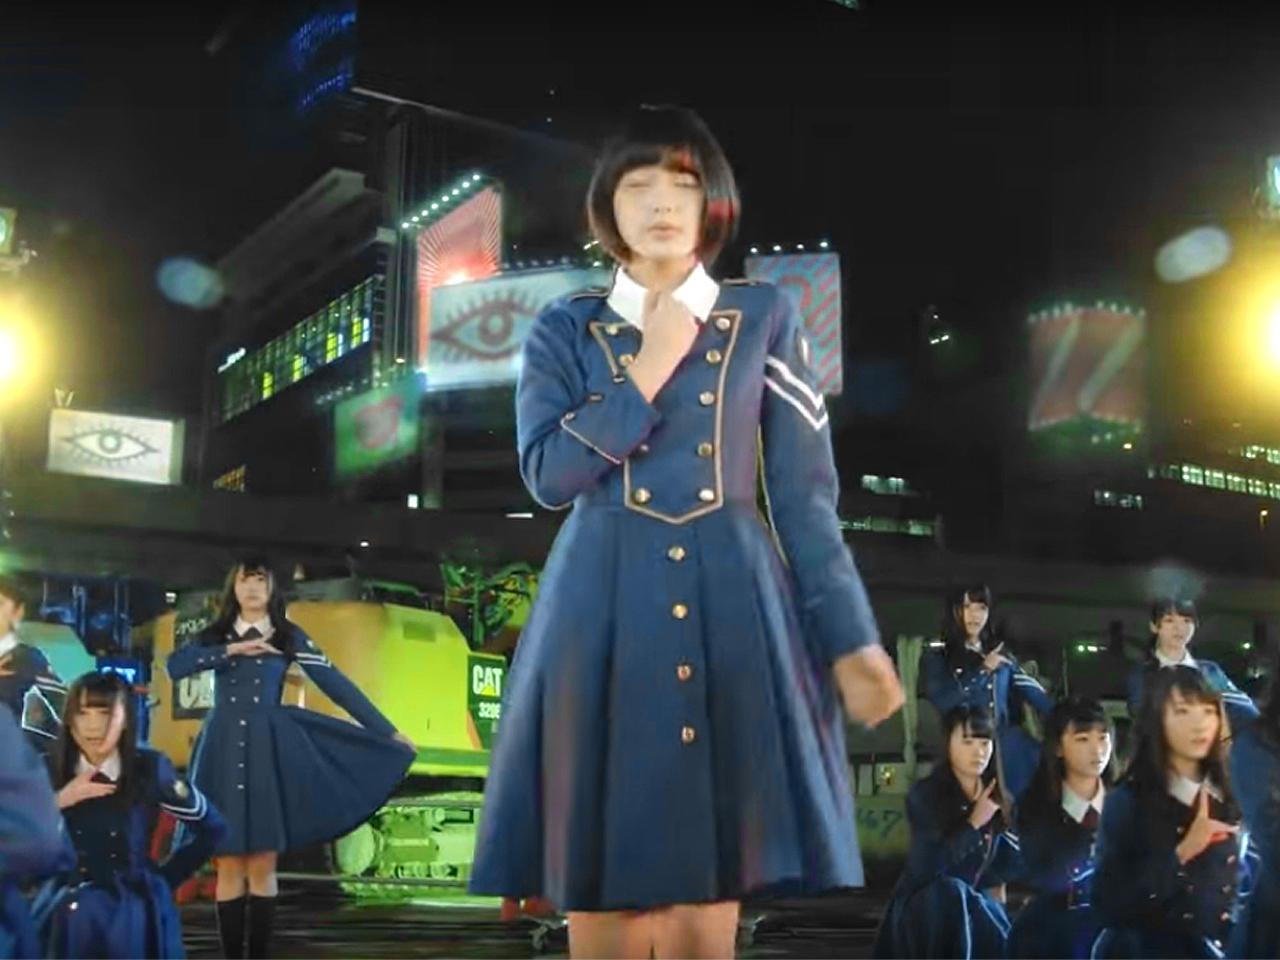 Japanese Teen Girl Band Keyakizaka46 Nazi Esque Outfits